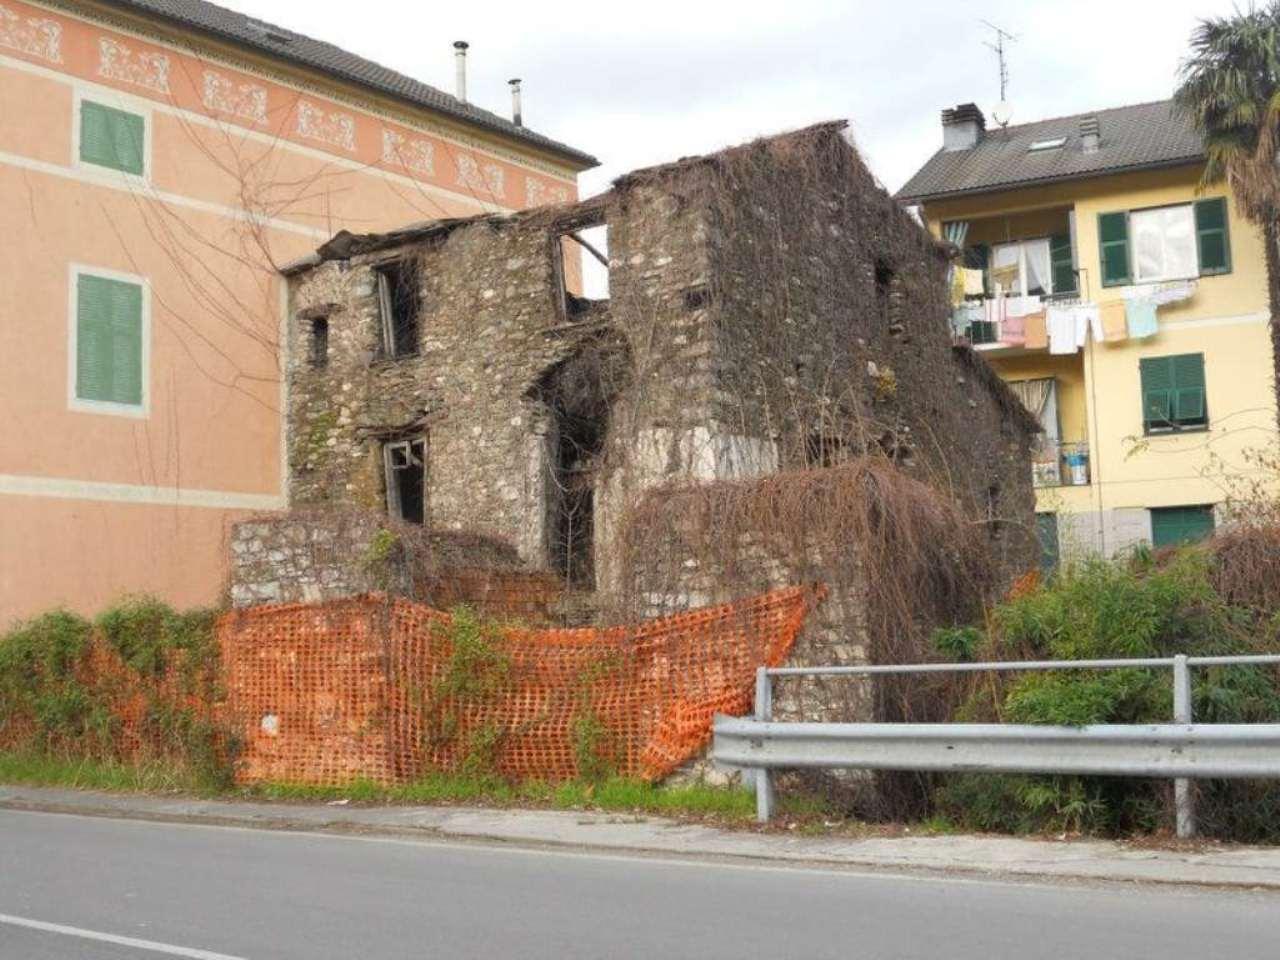 Rustico / Casale in vendita a Moconesi, 7 locali, prezzo € 55.000 | CambioCasa.it